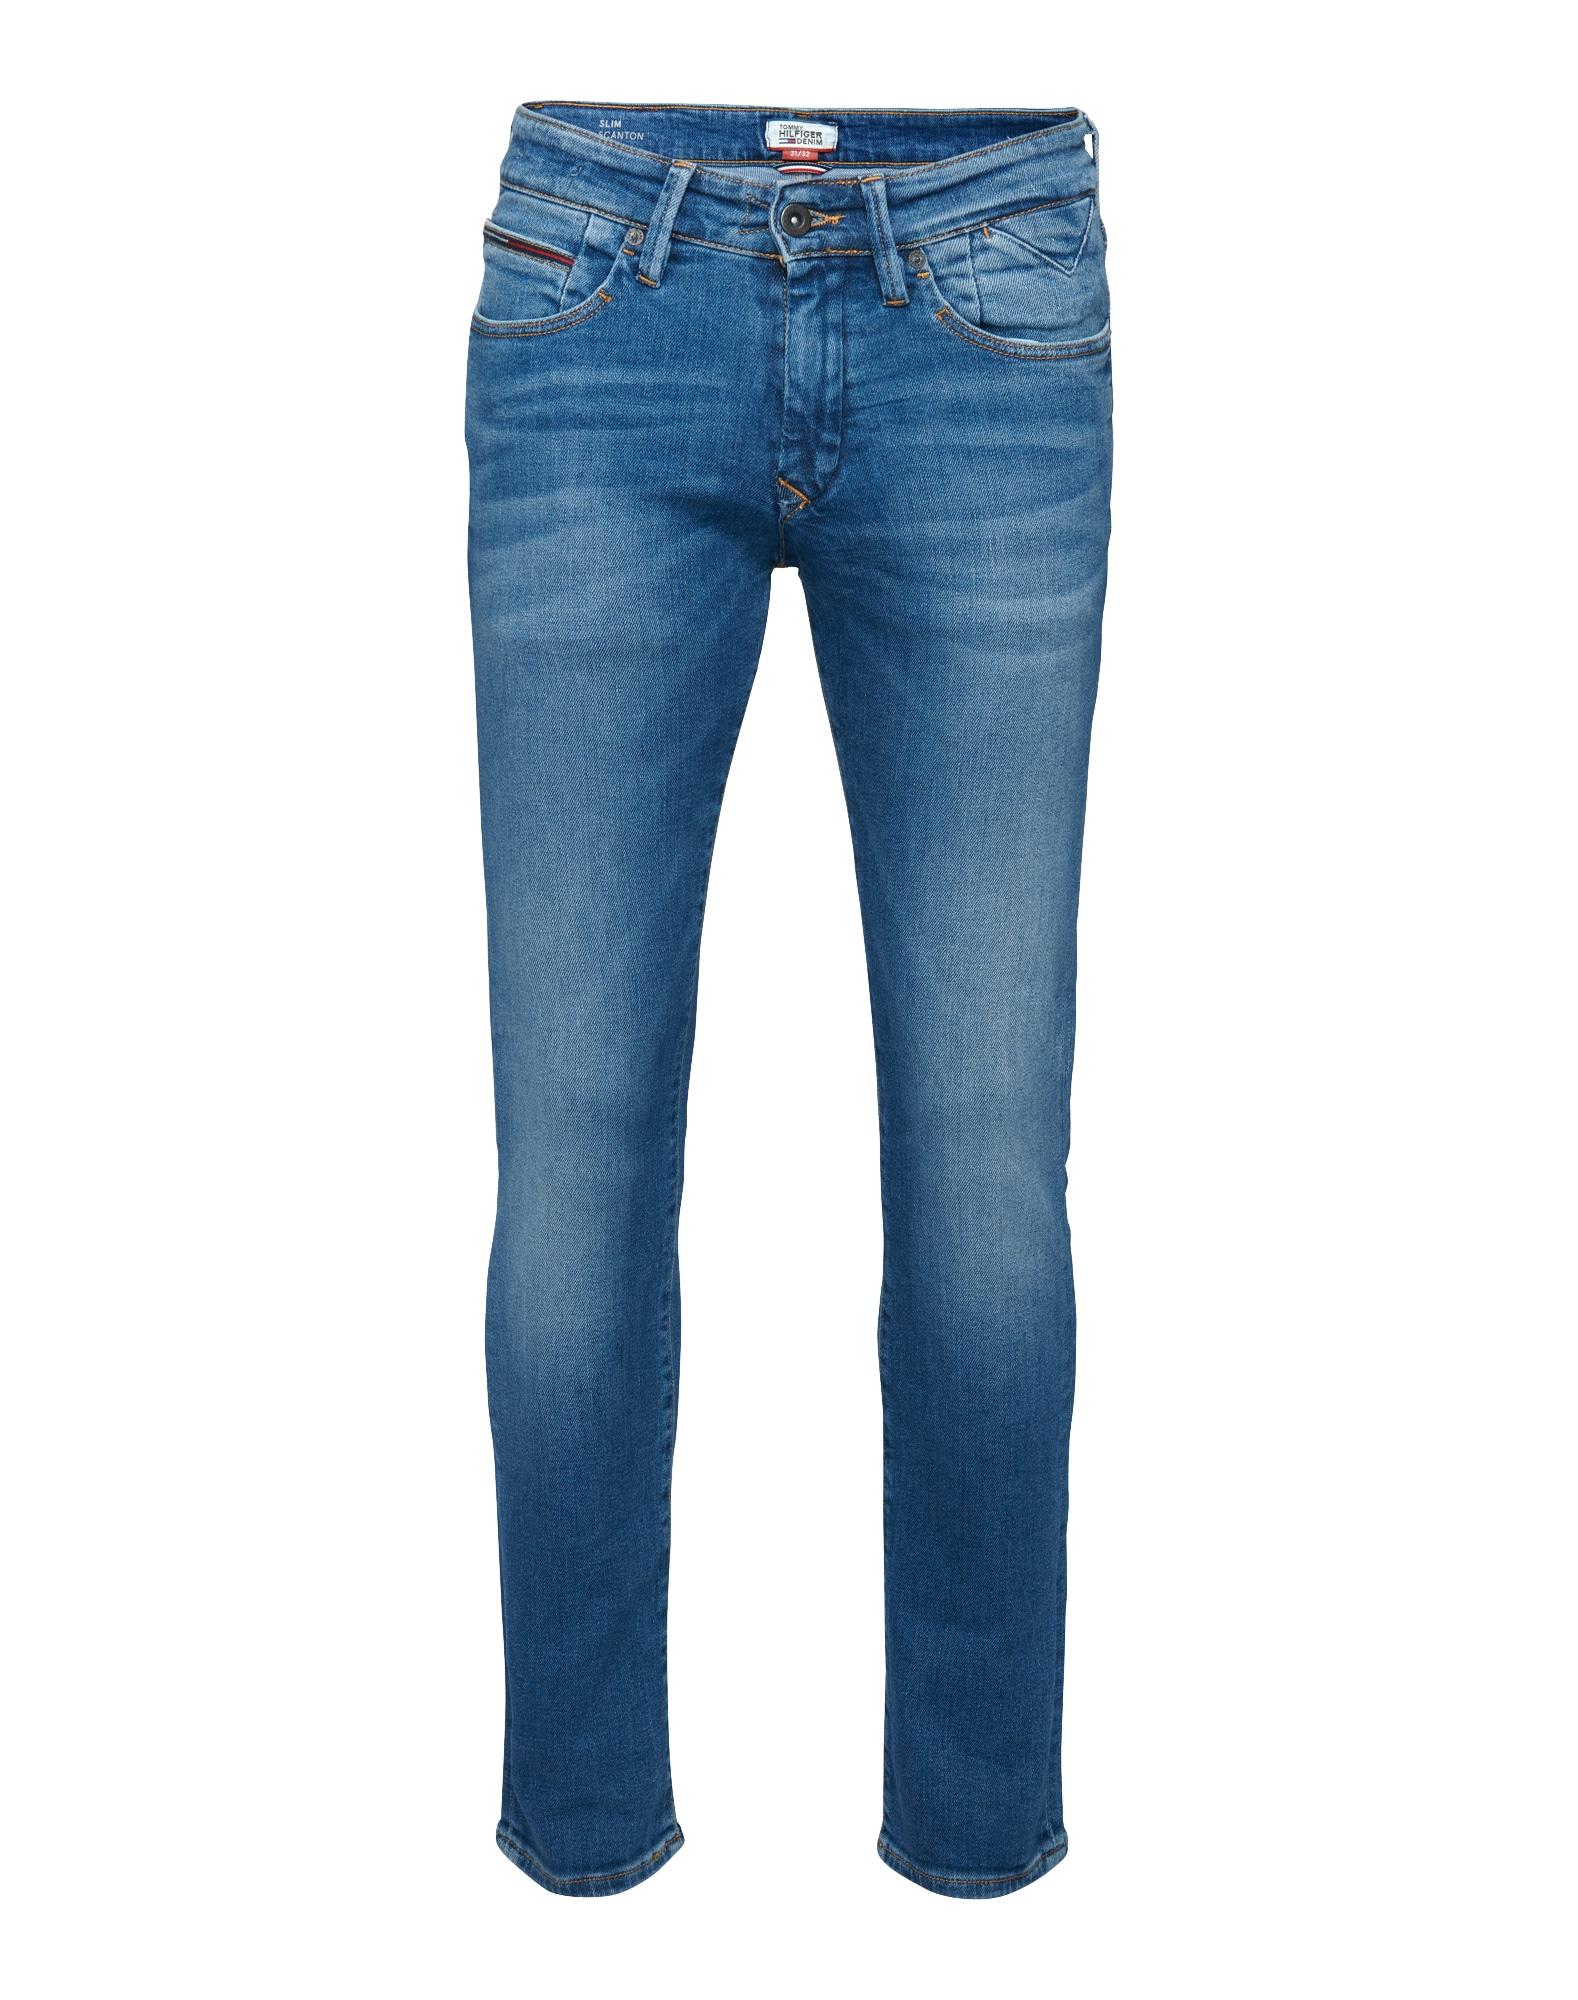 Džíny Scanton modrá džínovina Tommy Jeans